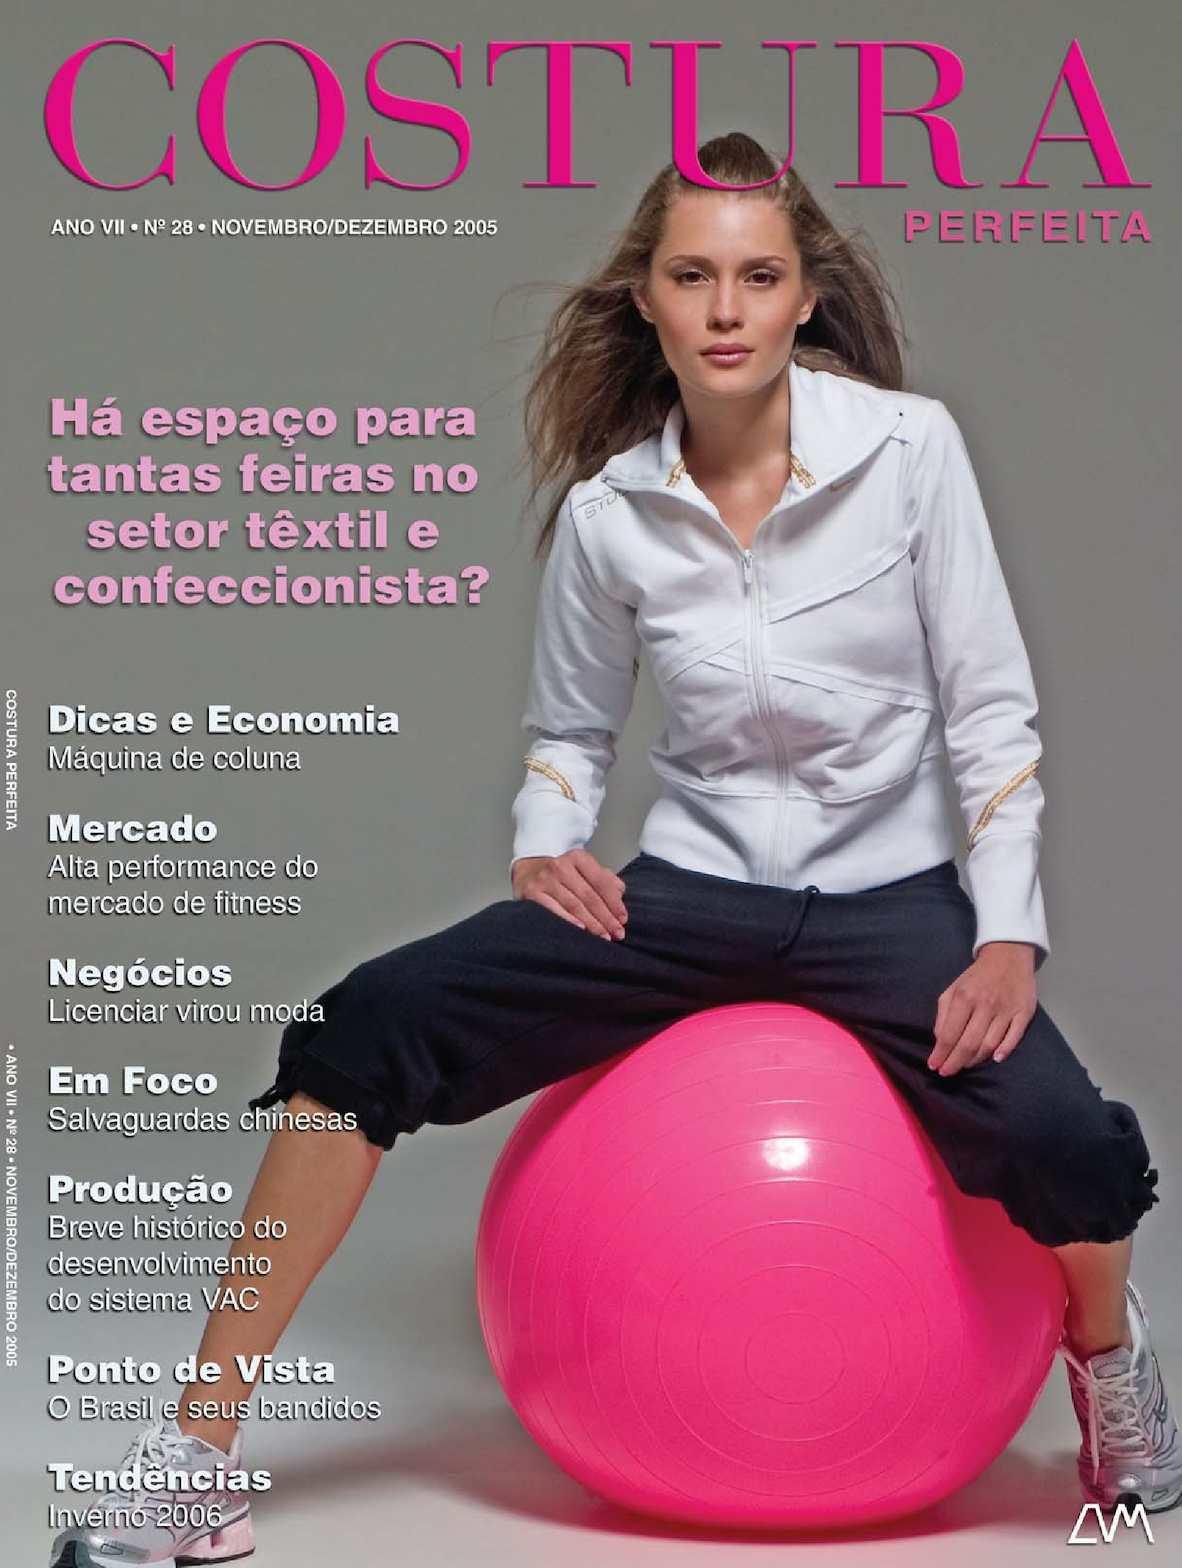 Calaméo - Revista Costura Perfeita Edição Ano Vii N28 Novembro Dezembro 2005 489012a2ab7